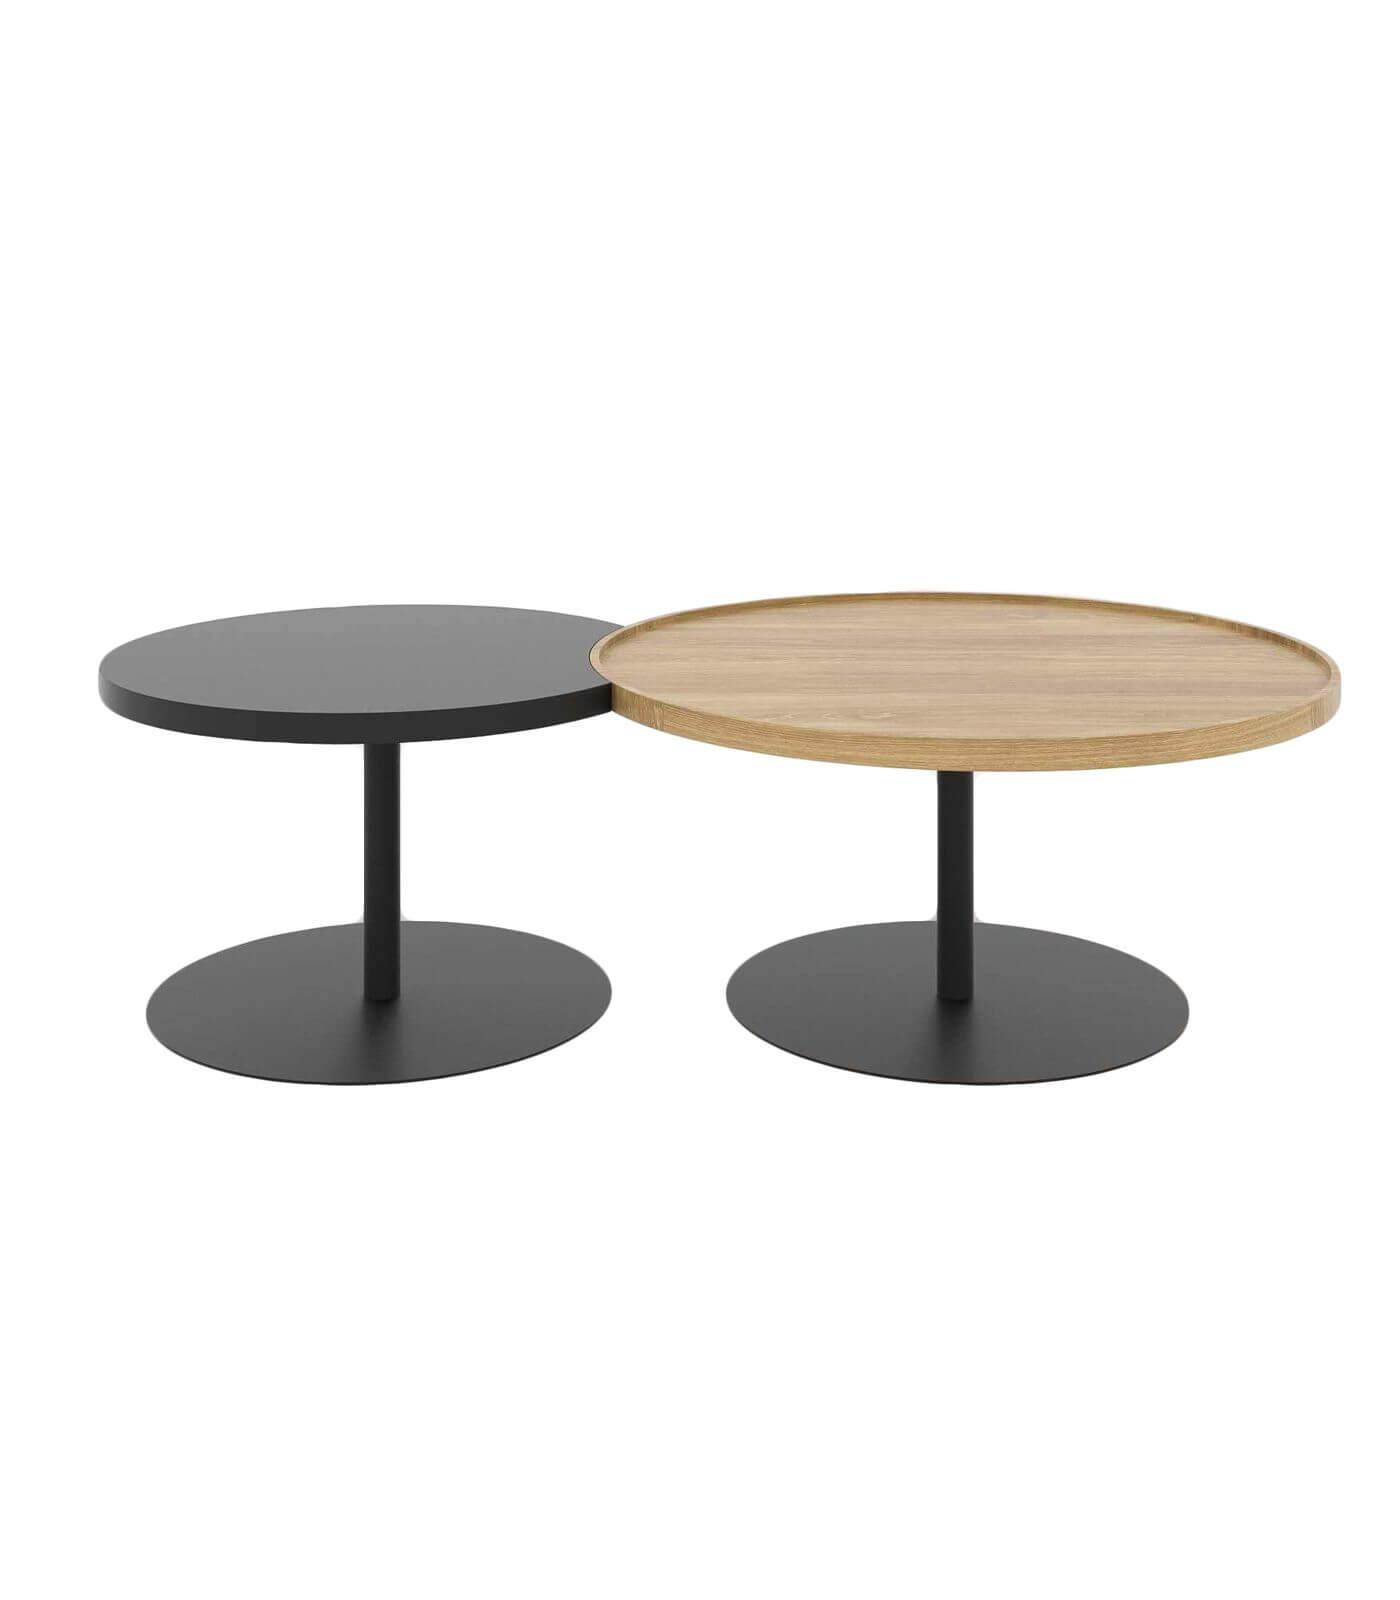 stolik kawowy nowoczesny czarny okrągły zestaw